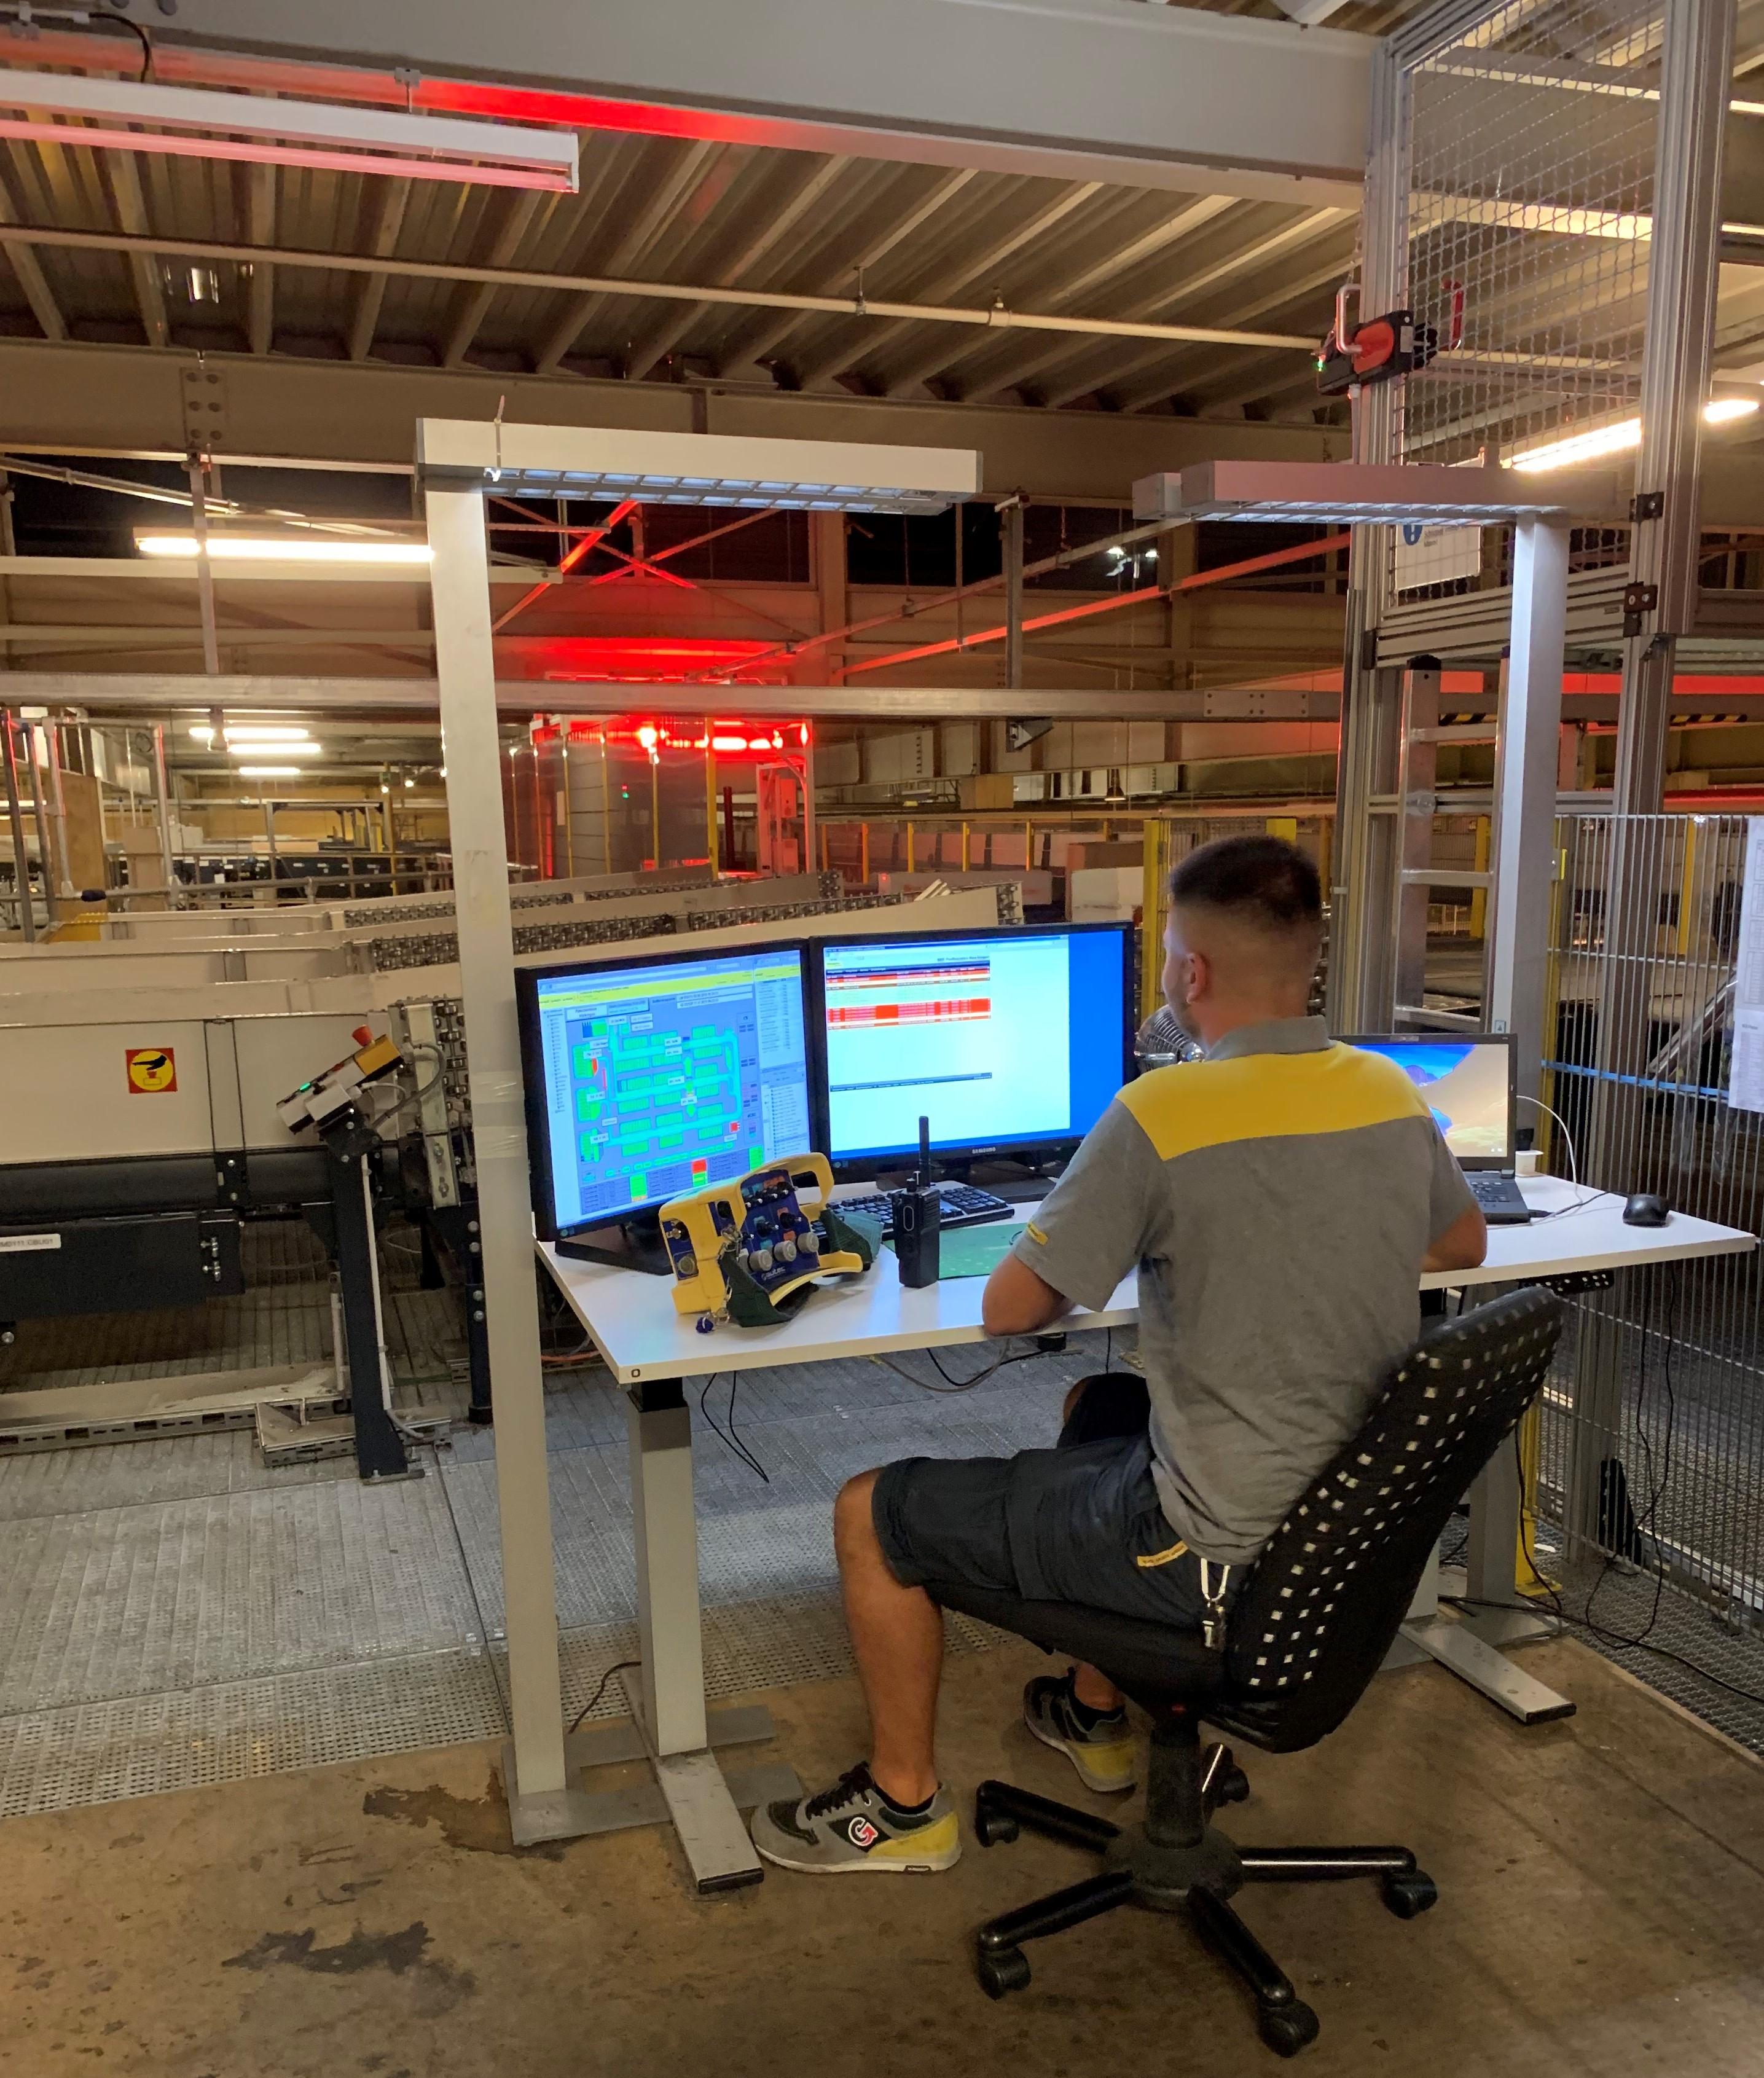 Wie Adlerhorste in Bäumen verteilt befinden sich auf der Anlage Computerstationen, in denen im Minutentakt die Störungsmeldungen zu den Betriebstechnikern gelangen.